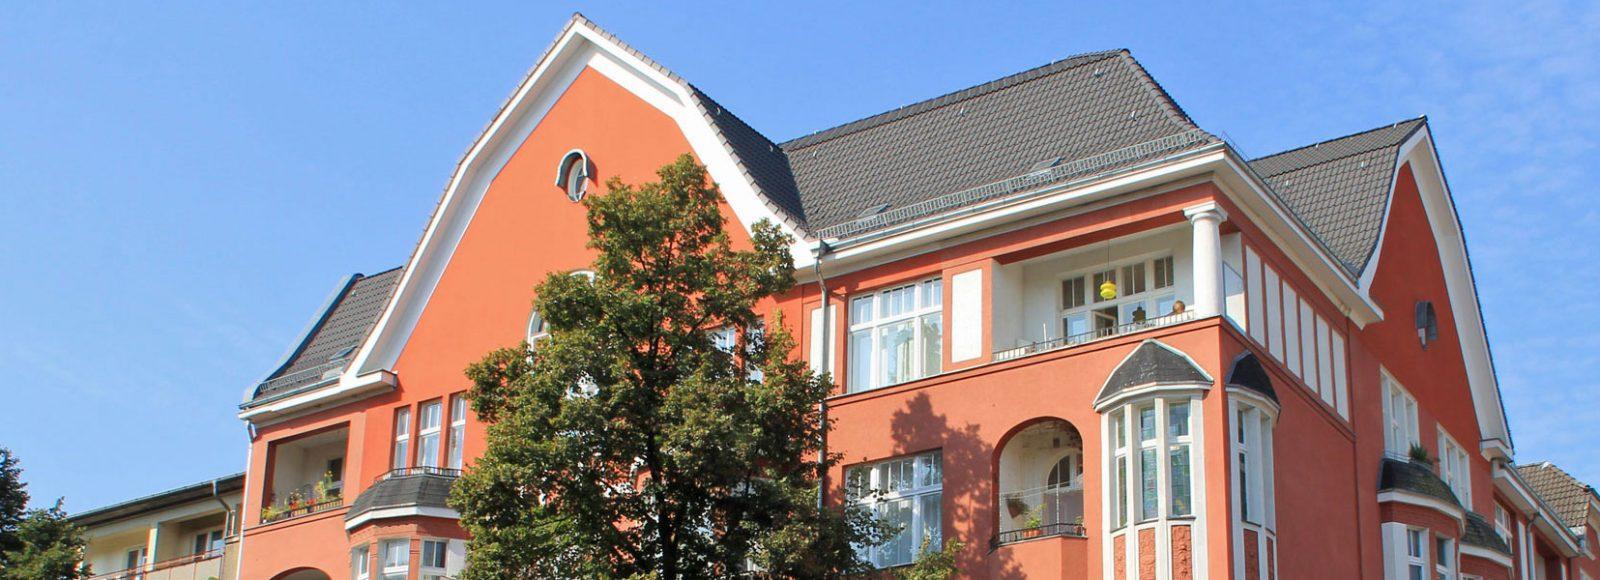 Wohnungsgenossenschaft Treptower Park EG